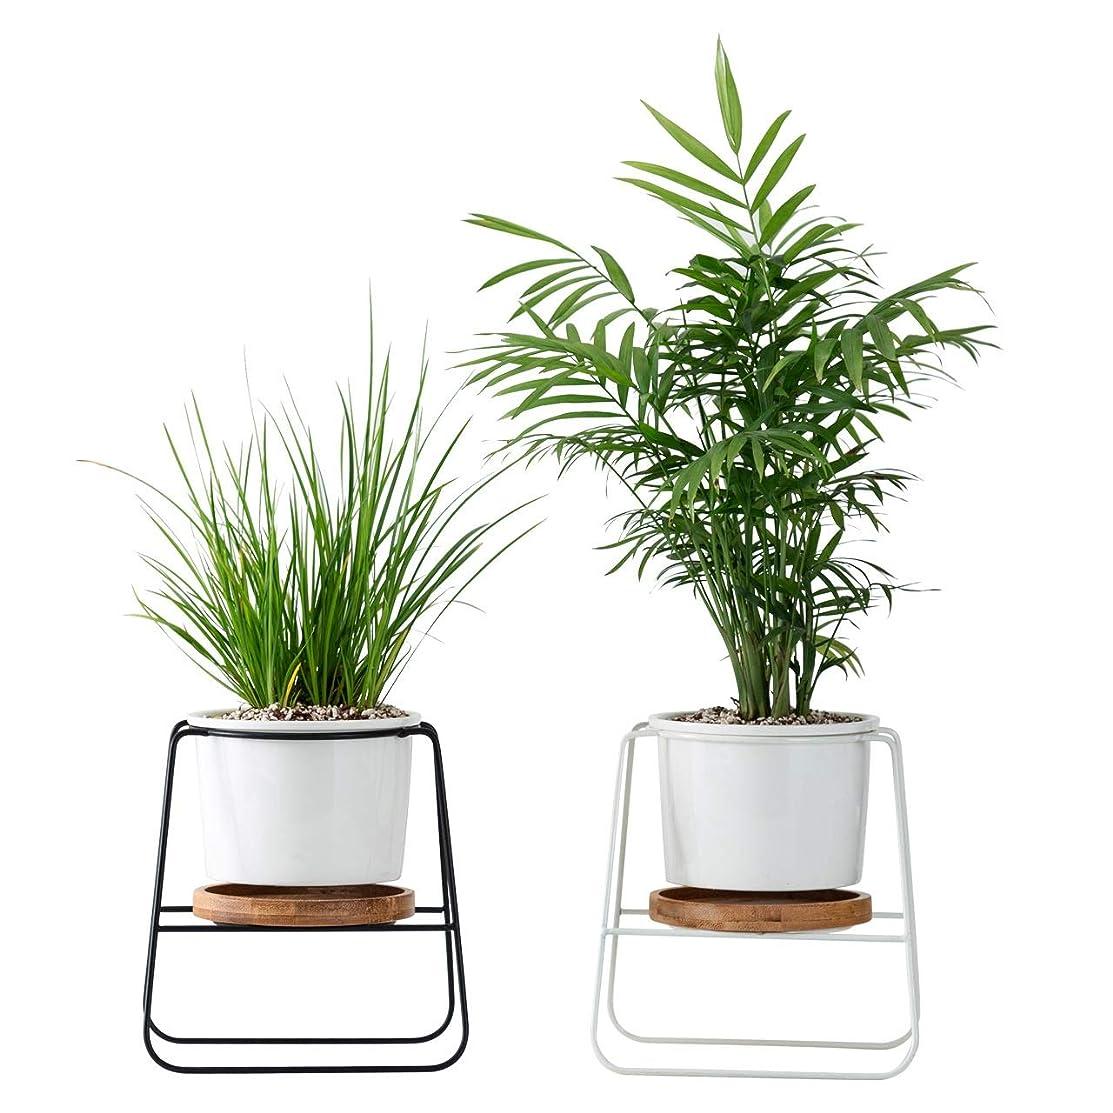 川靴階段WBFN セラミックフラワーポット、パレット/トレイ、腐食、耐強く、変形しやすく、耐久性ではない、ホームデコレーションとオフィスハウスデスク用2つの小型プラントポット屋内植木鉢 (Color : A)